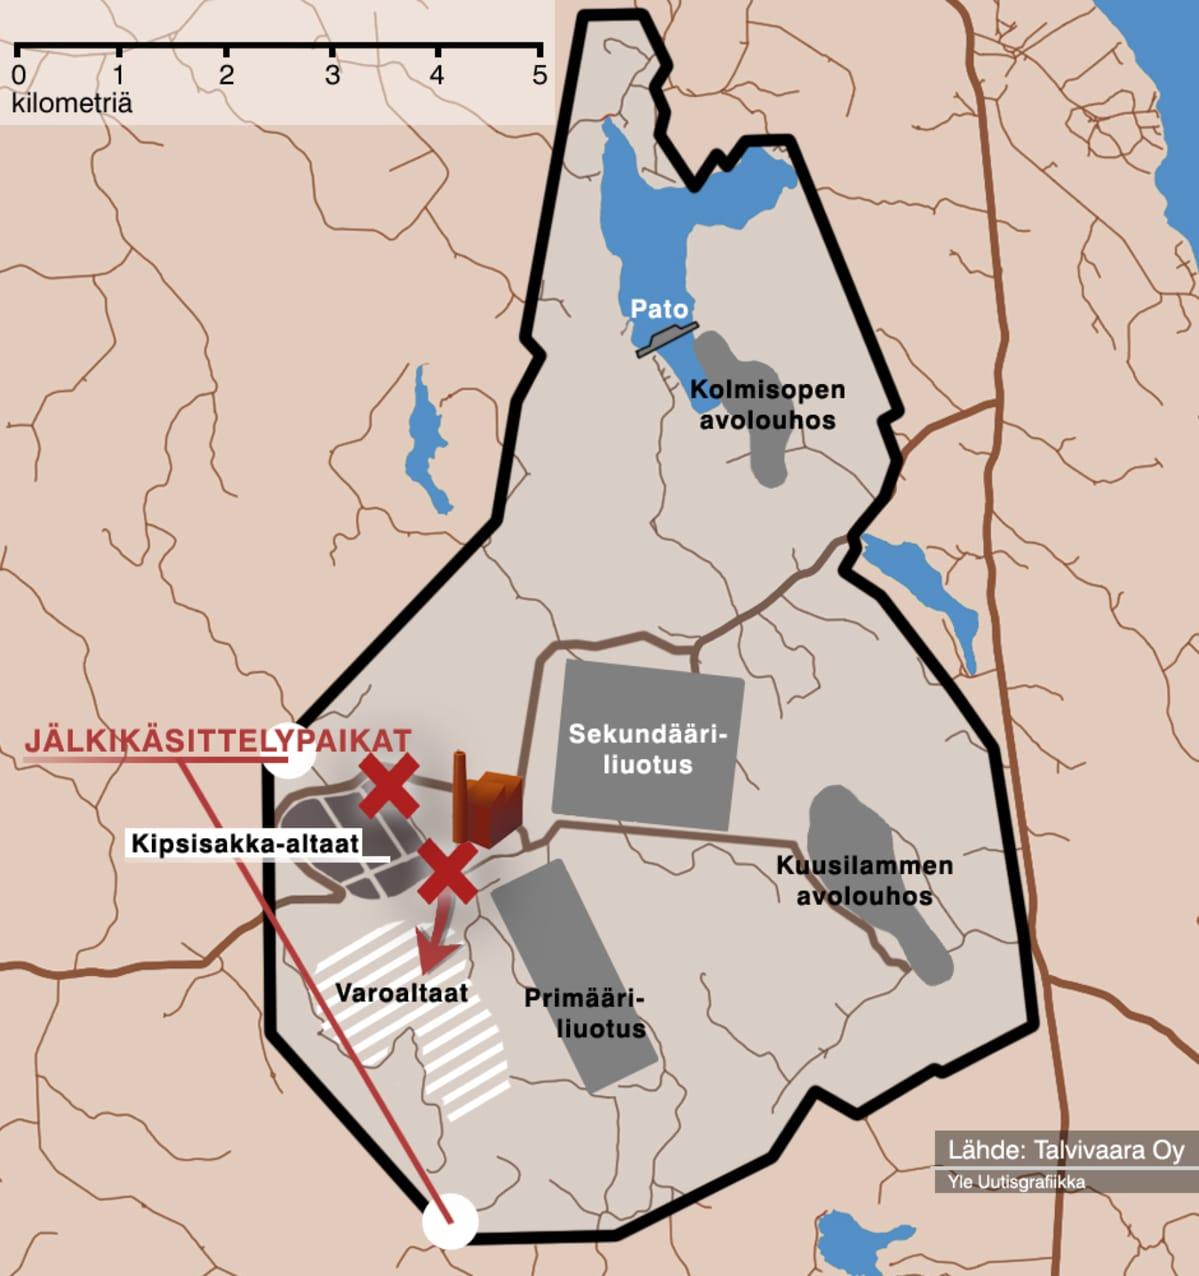 Kaksiulotteinen kartta Talvivaaran kaivosalueesta.